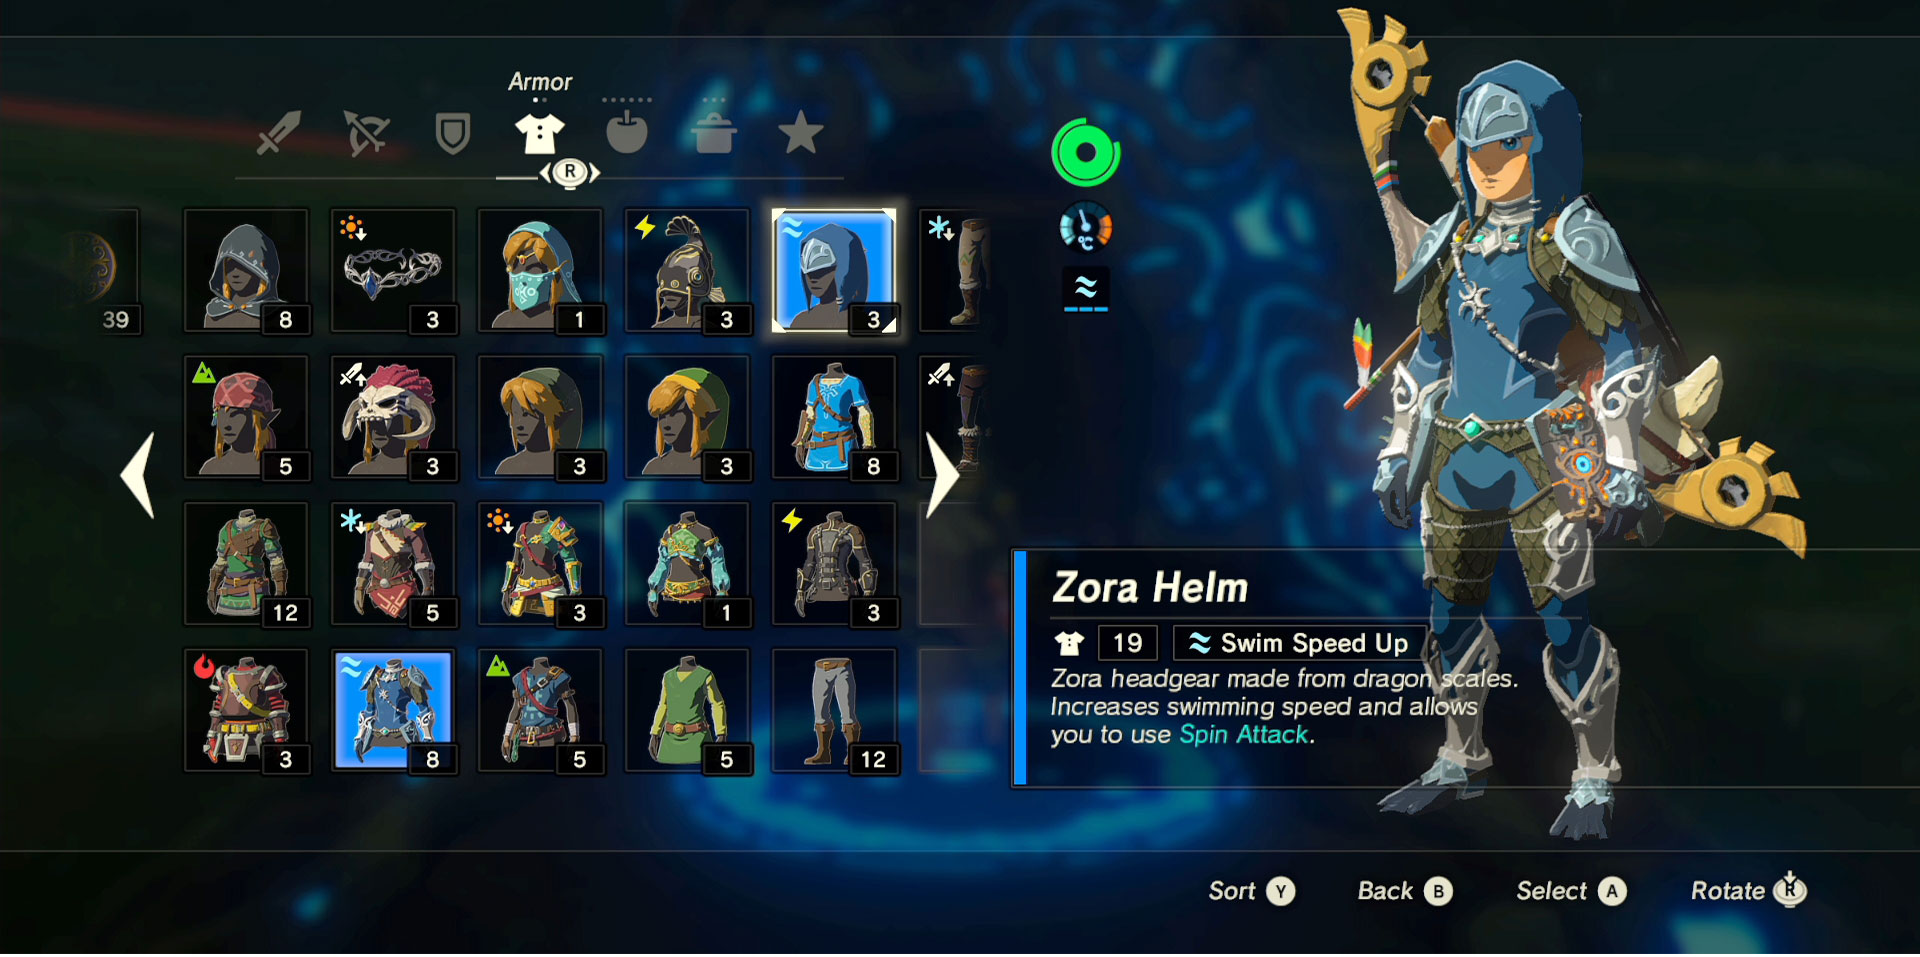 Zelda Botw Armor Sets >> Zelda Breath of the Wild Zora Helm, Greaves, Armor Set ...